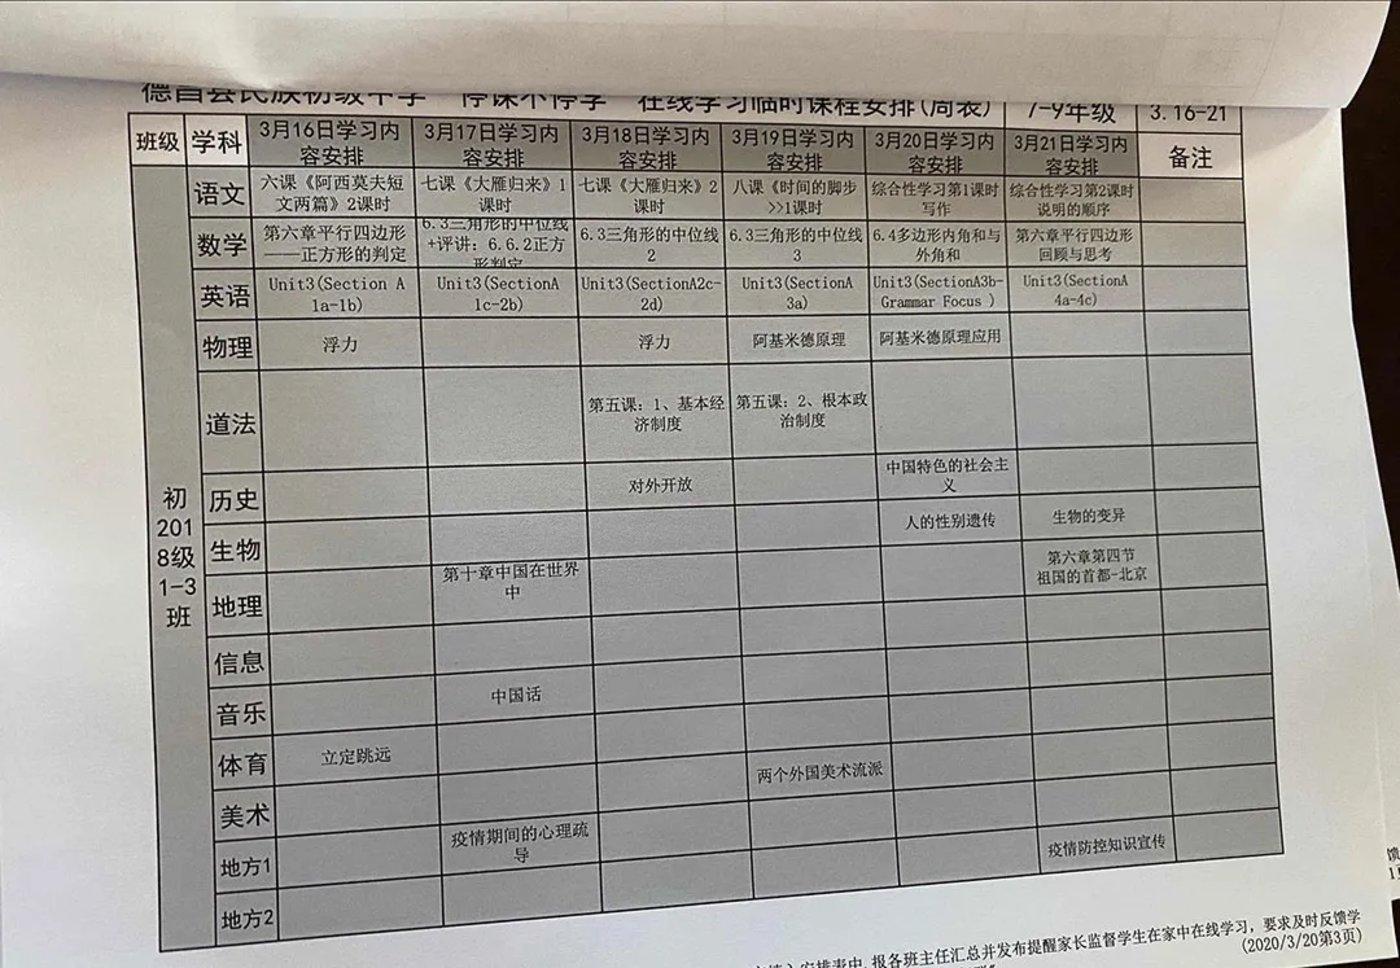 德昌民族中学2020年3.16-21日的线上教学周课表